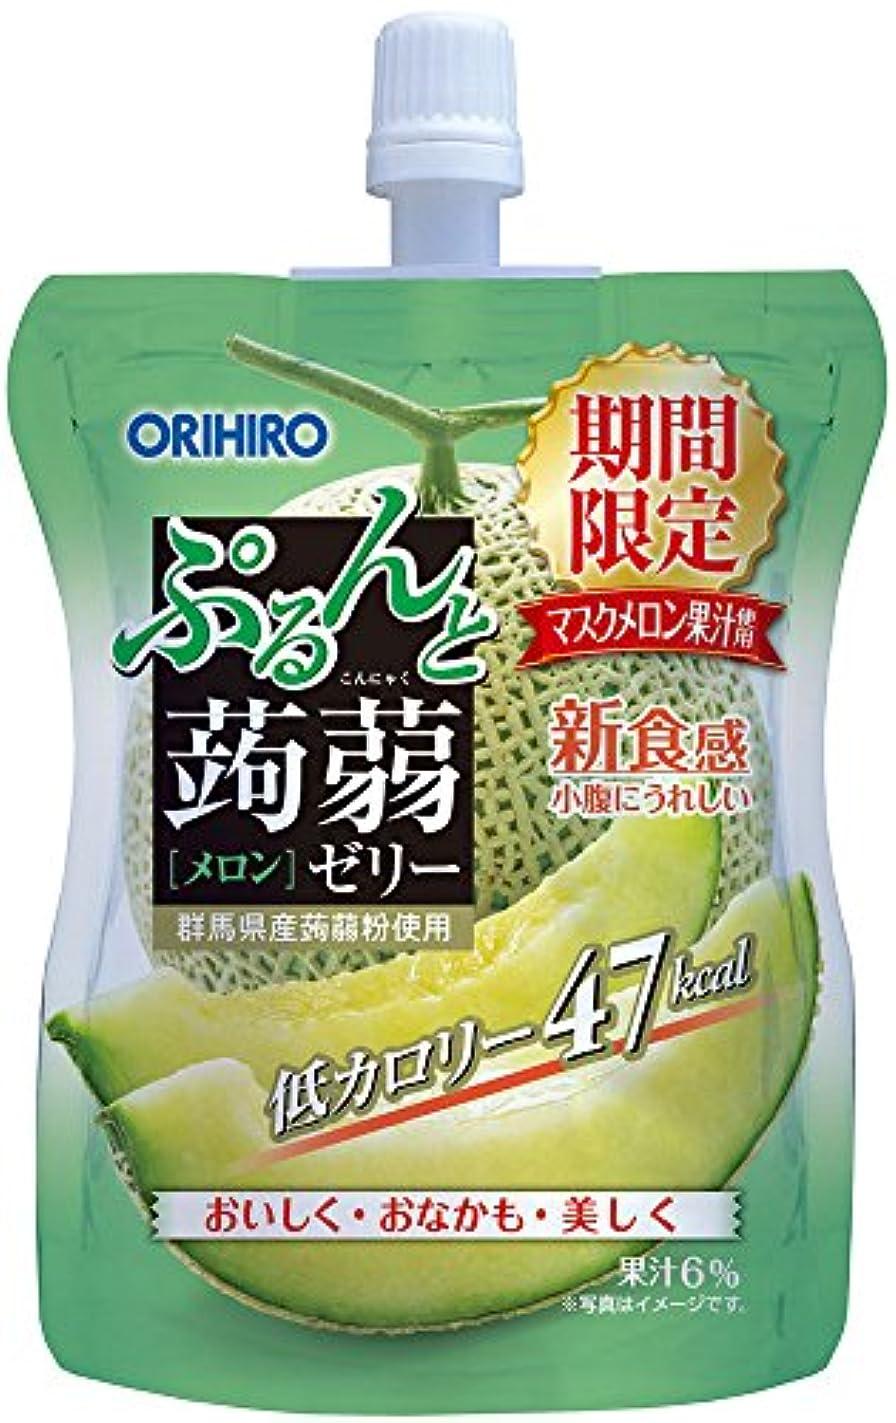 イノセンス横施設オリヒロ ぷるんと蒟蒻ゼリー 低カロリー メロン 130g×8個